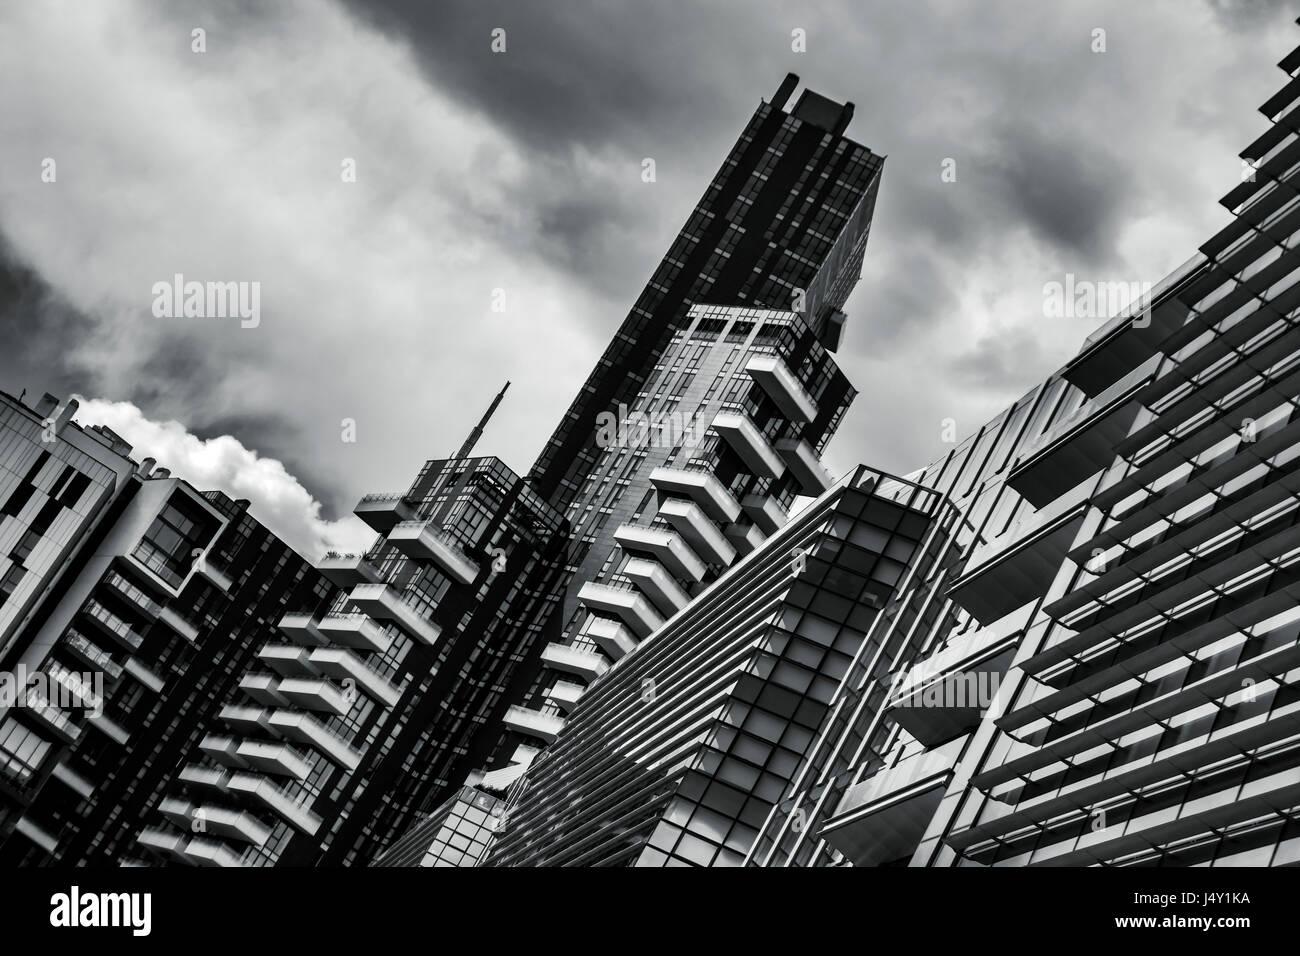 Vue sur l'architecture moderne de la ville de Milan centre-ville et ses bureaux et immeubles d'habitation Banque D'Images